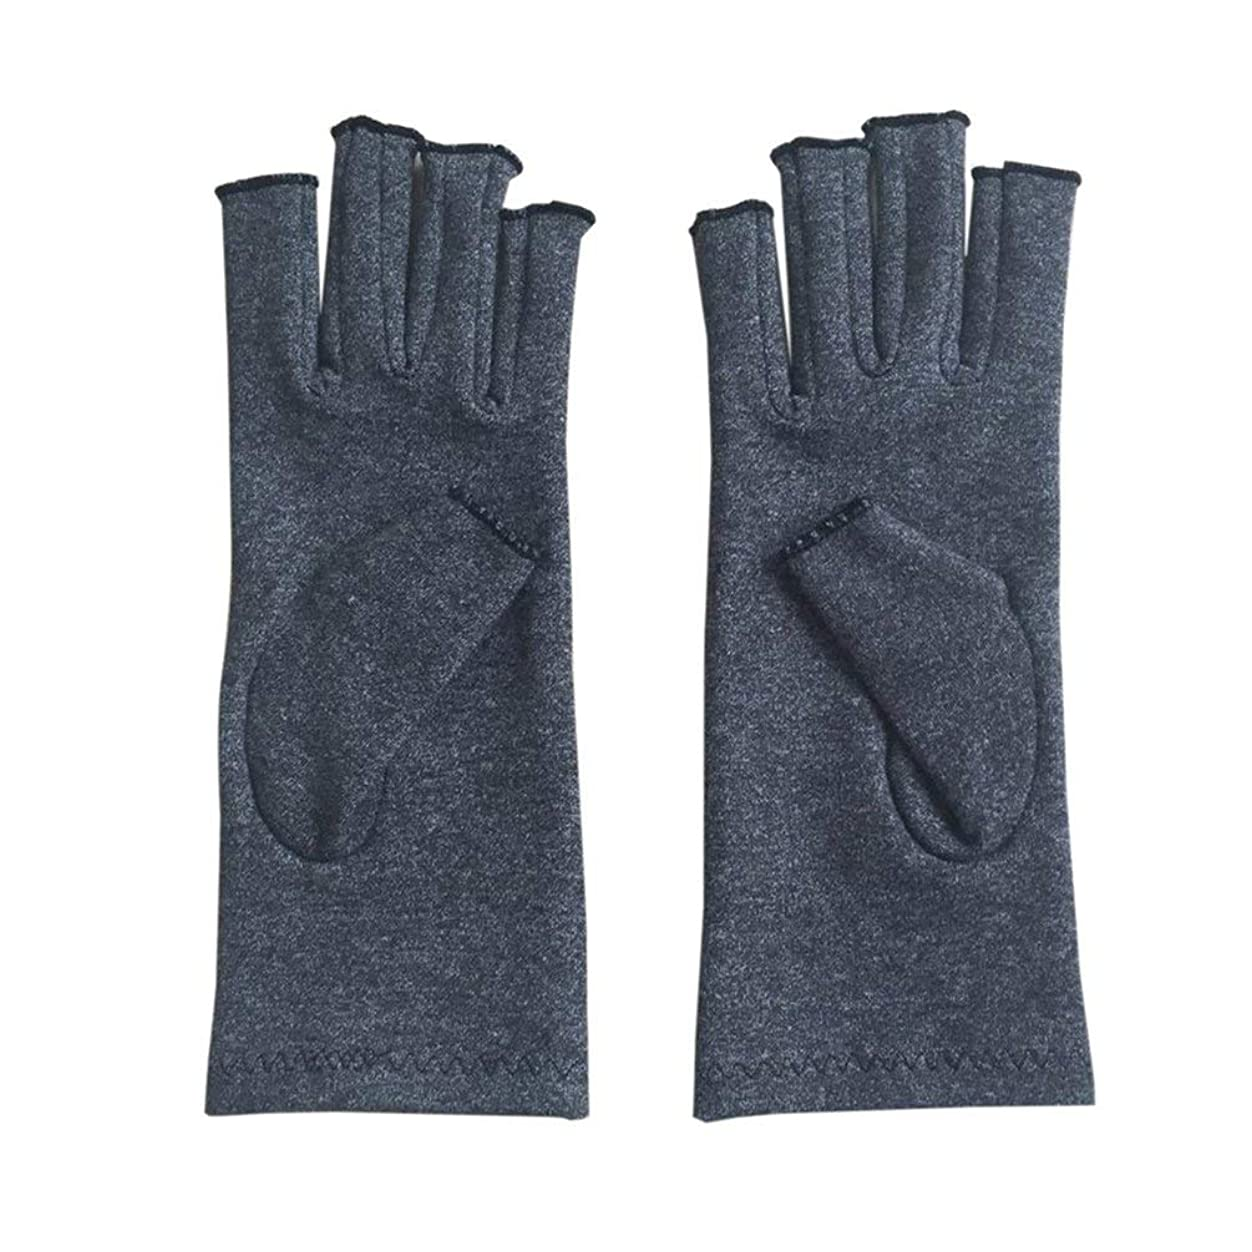 特異な特派員履歴書Aペア/セットの快適な男性の女性療法の圧縮手袋ソリッドカラーの通気性関節炎関節痛軽減手袋 - グレーL